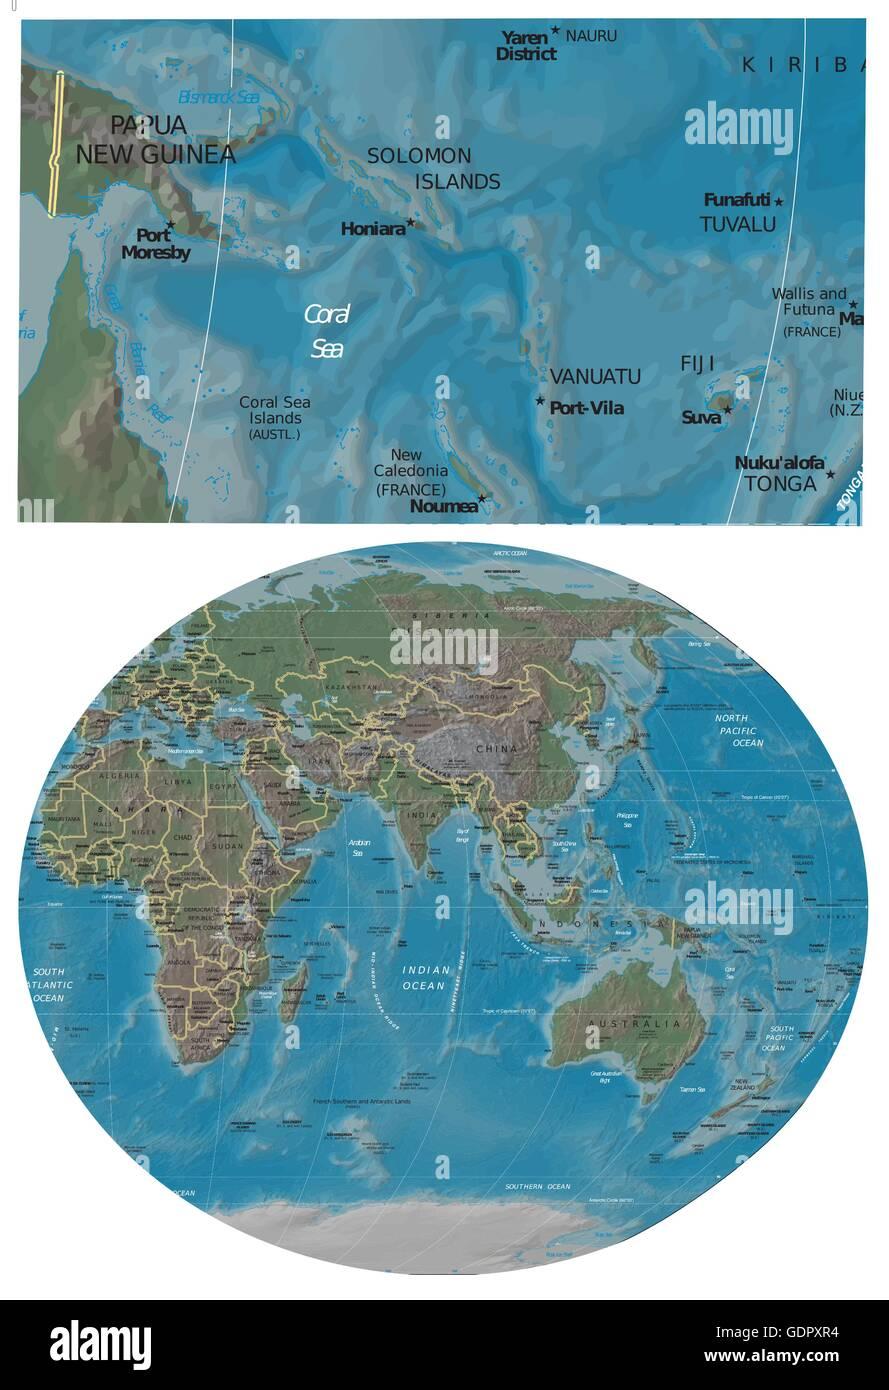 Papua New Guinea Coral Sea Islands and Asia Oceania map ...